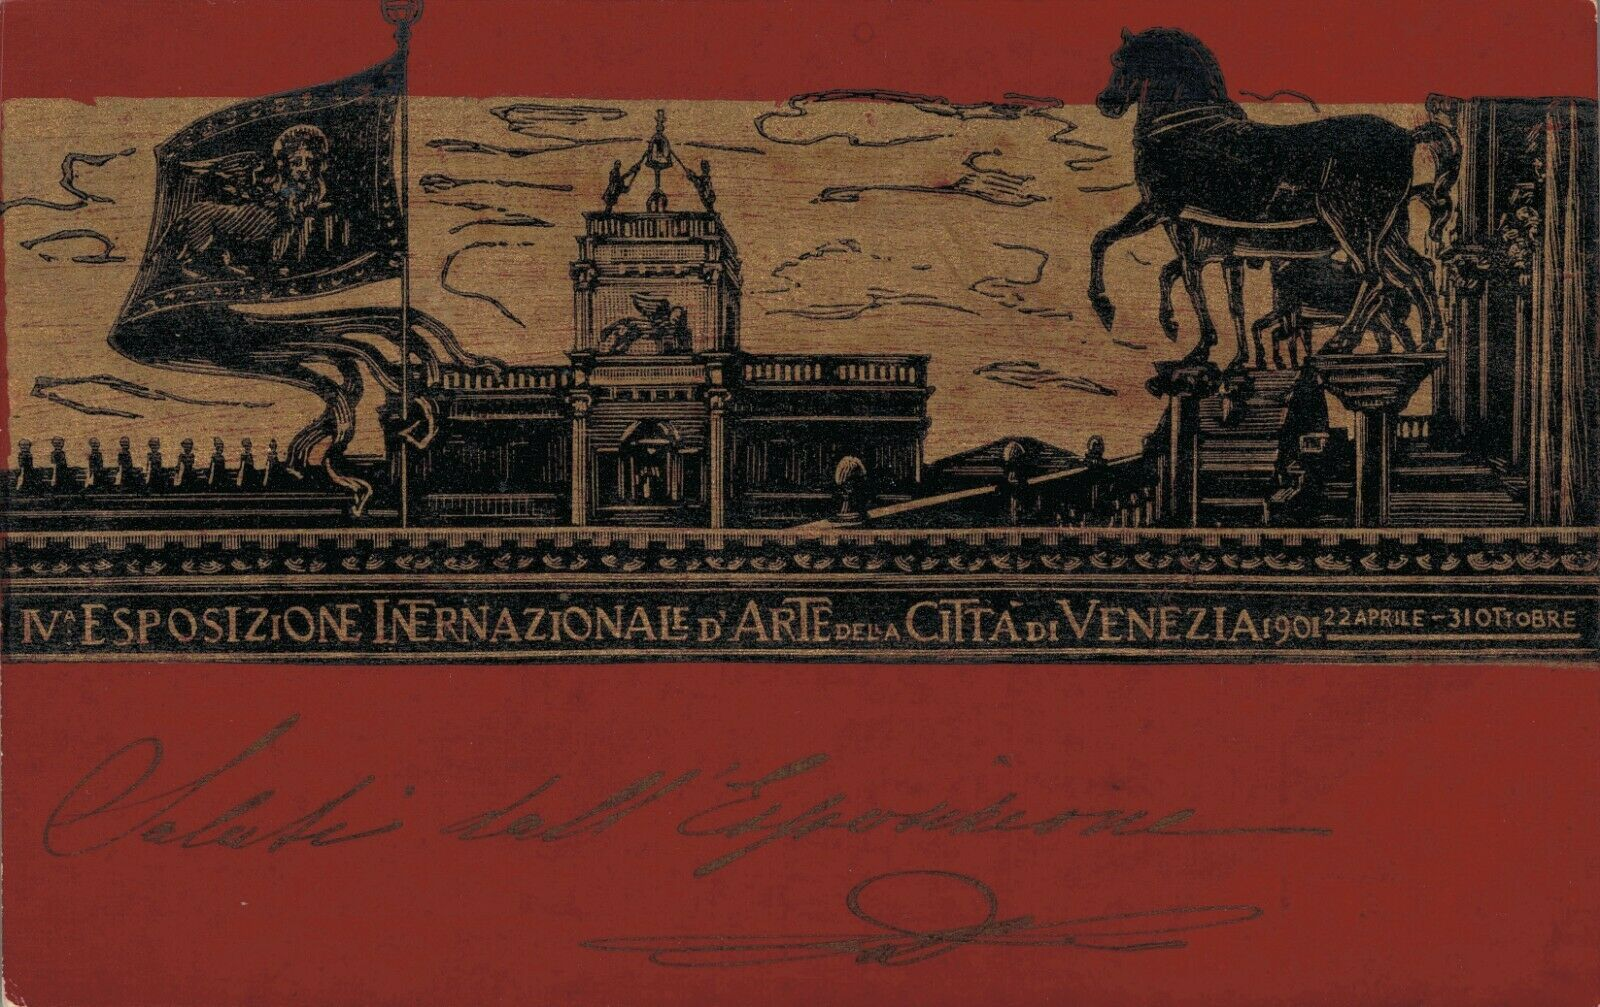 Italy Esposizione Internazionale D'Arte Della Città di Venezia 1901 04.29